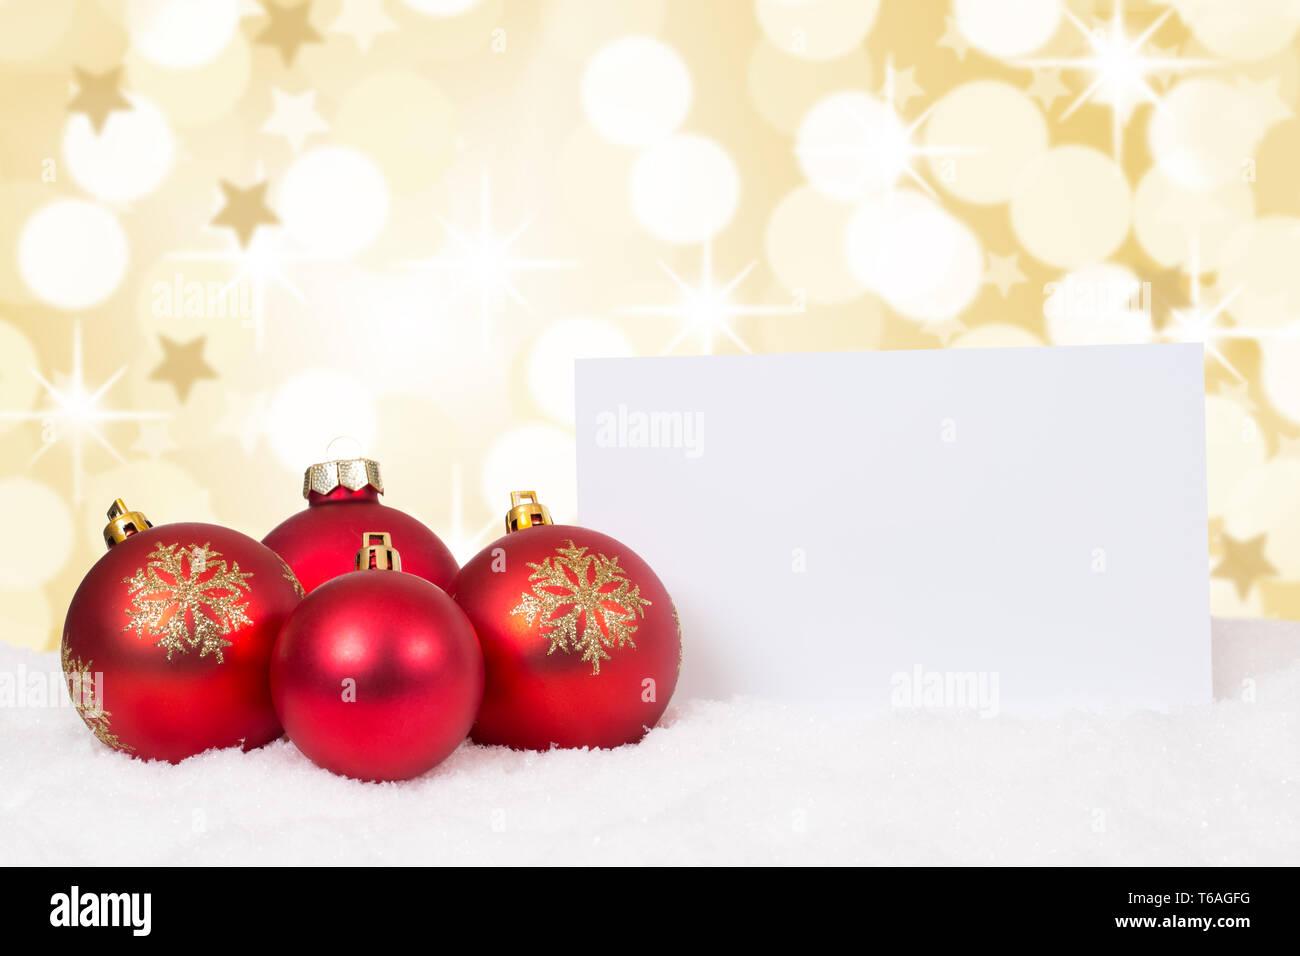 Wünsche Frohe Weihnachten.Rote Weihnachtskugeln Frohe Weihnachten Sterne Weihnachtskarte